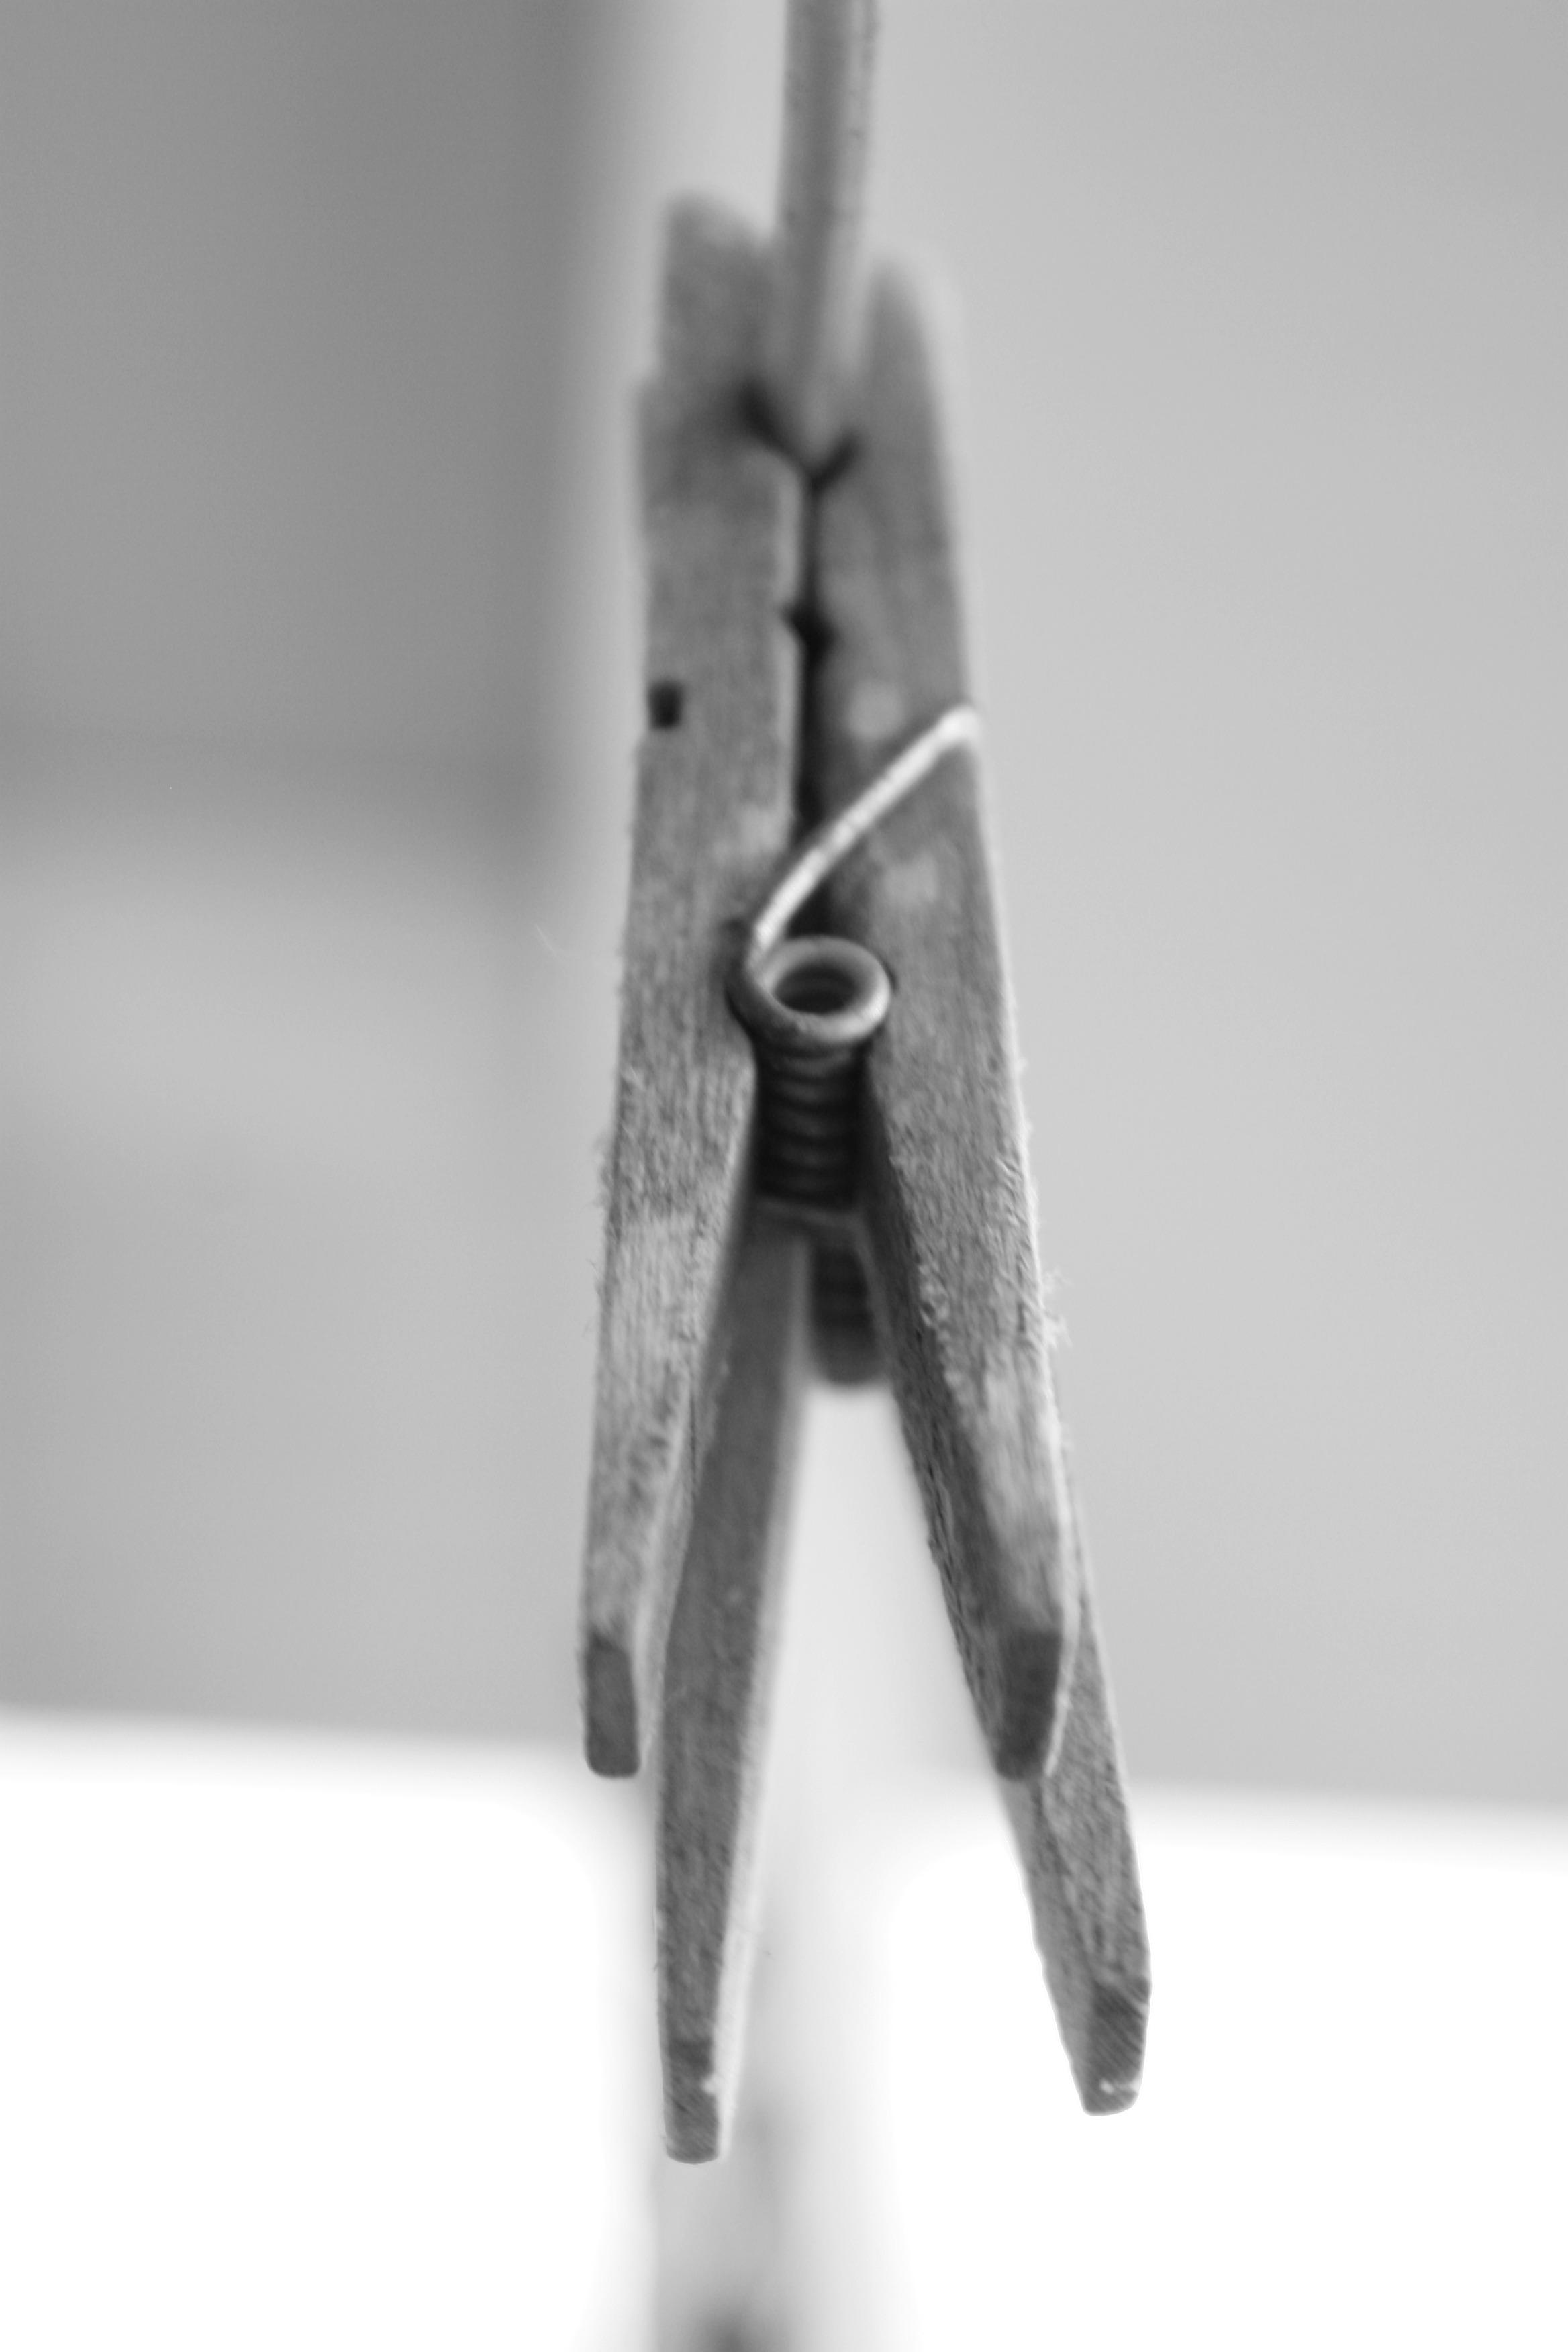 Peg, needle-nose pliers